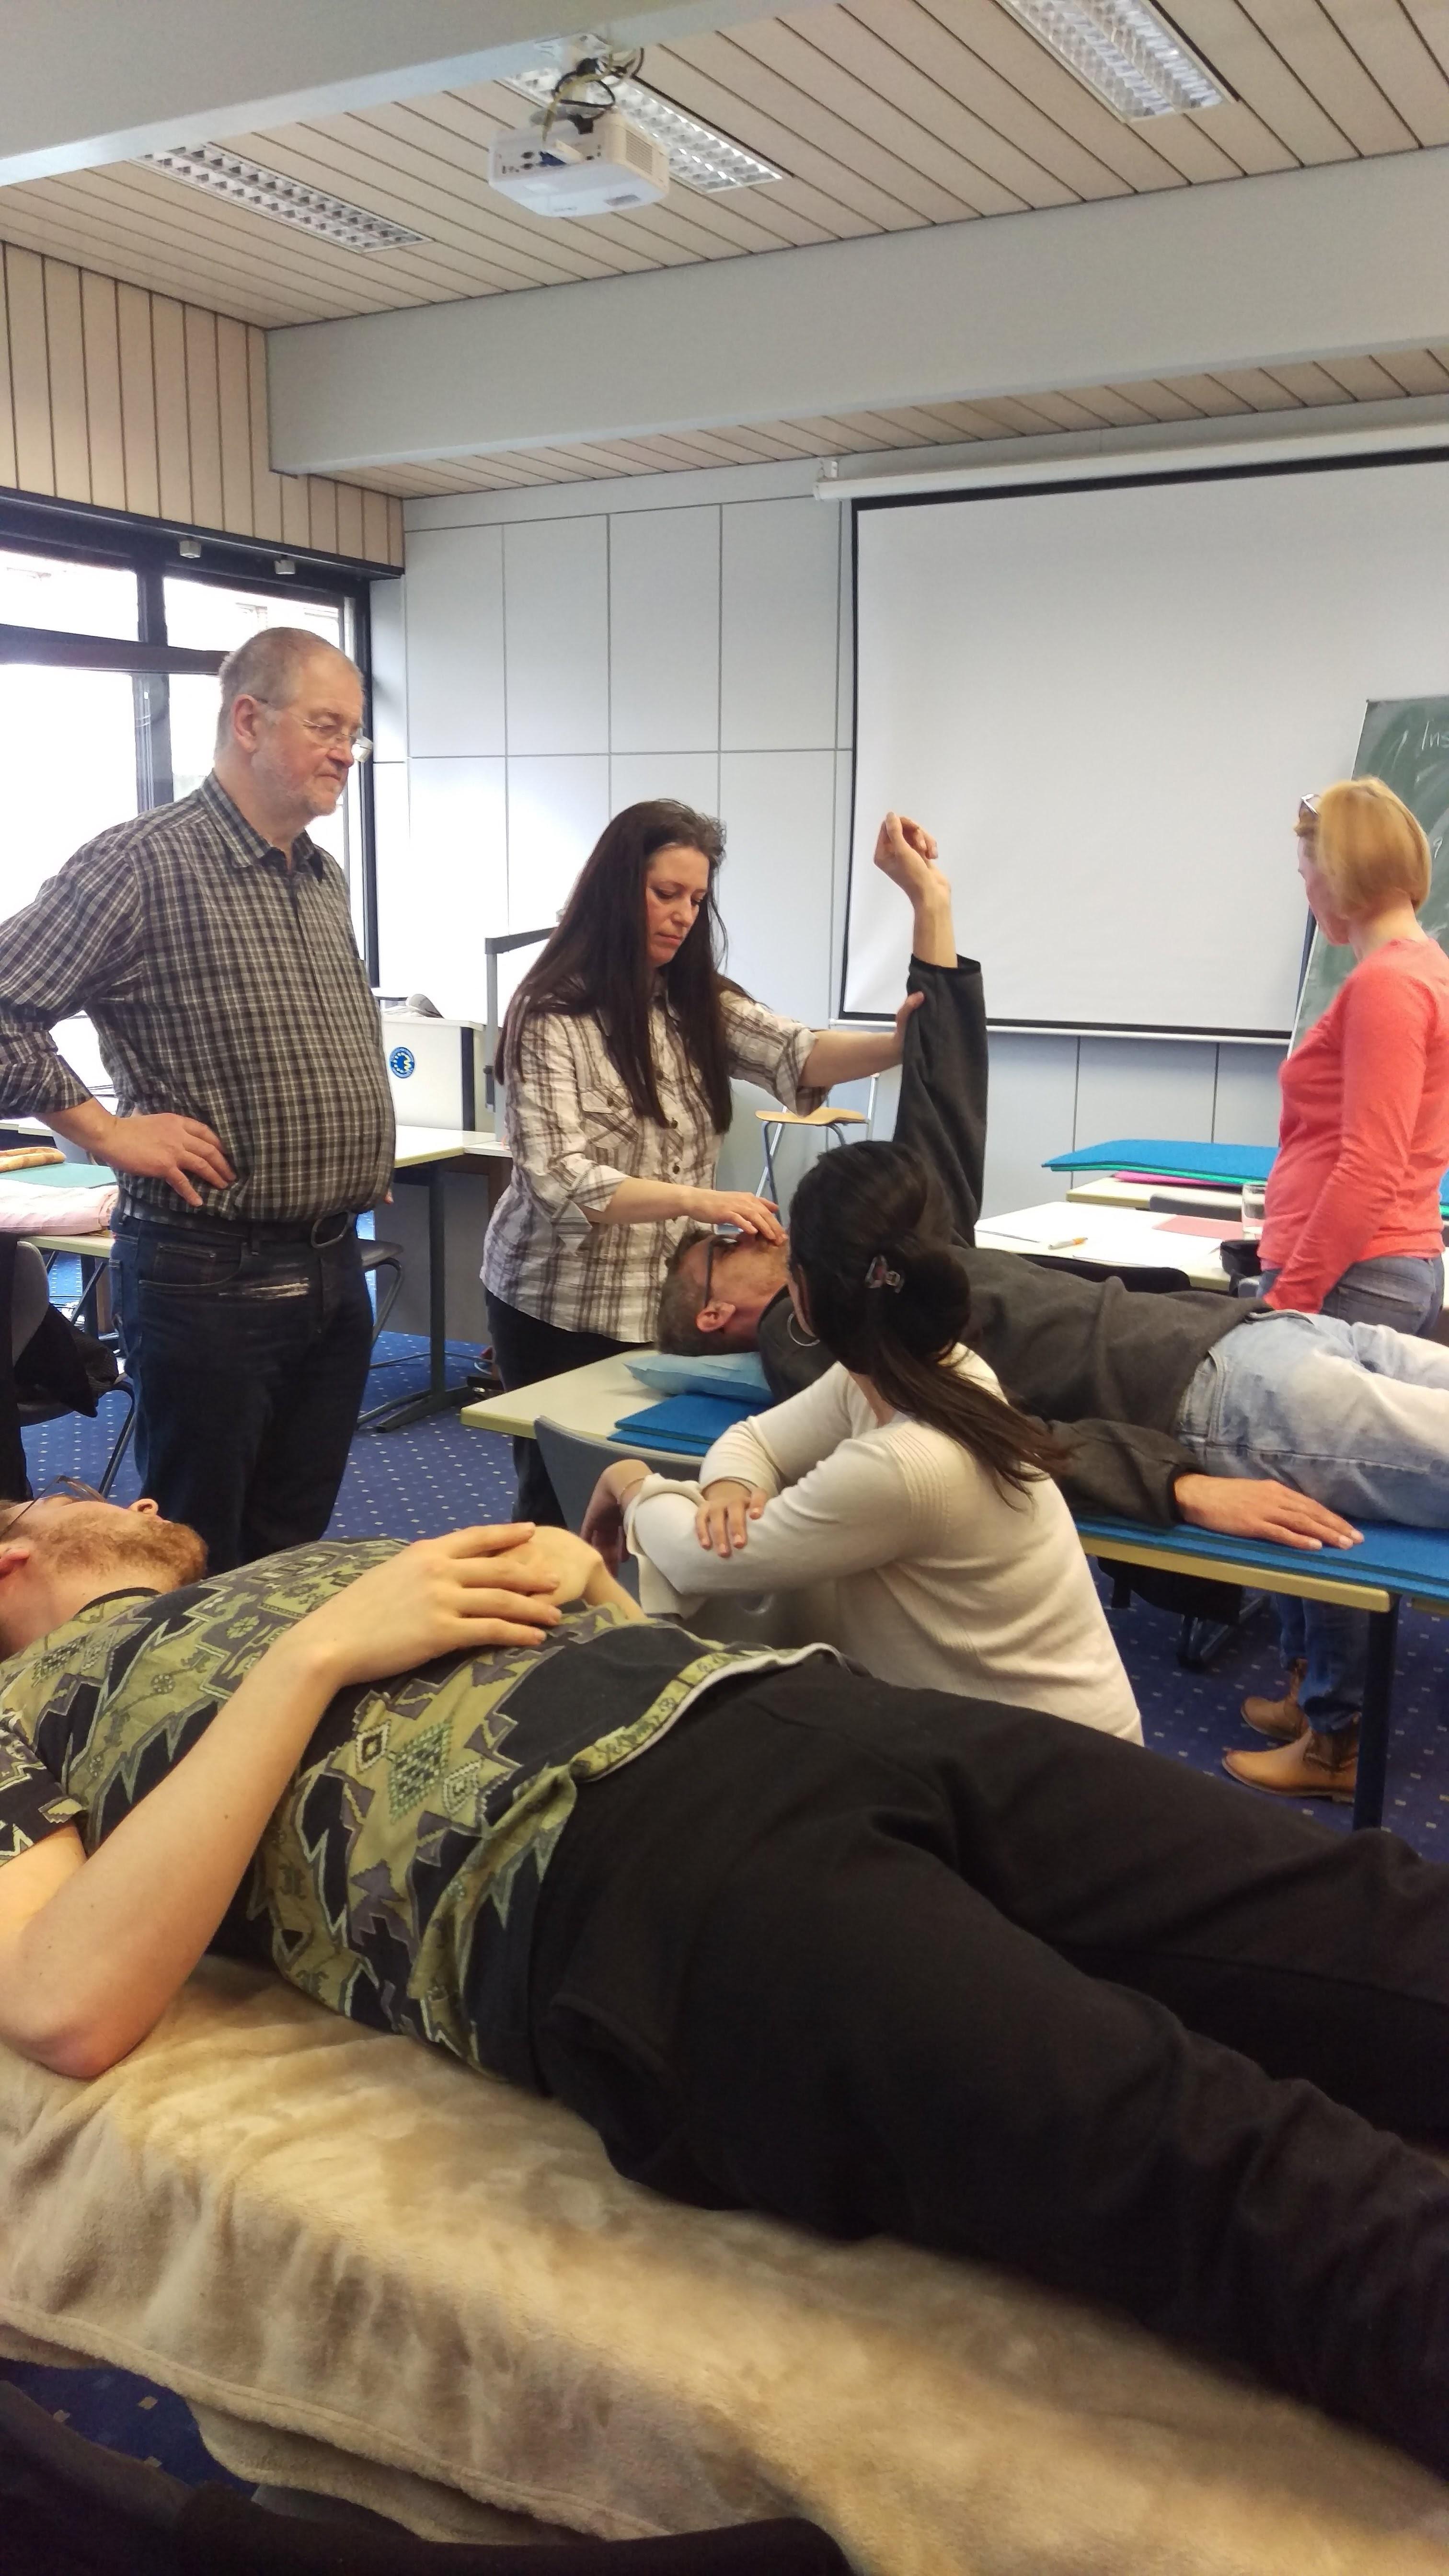 Fachschule für Naturheilkunde / Heilpraktikerschule Duisburg / europäischer Verband Naturheilkunde